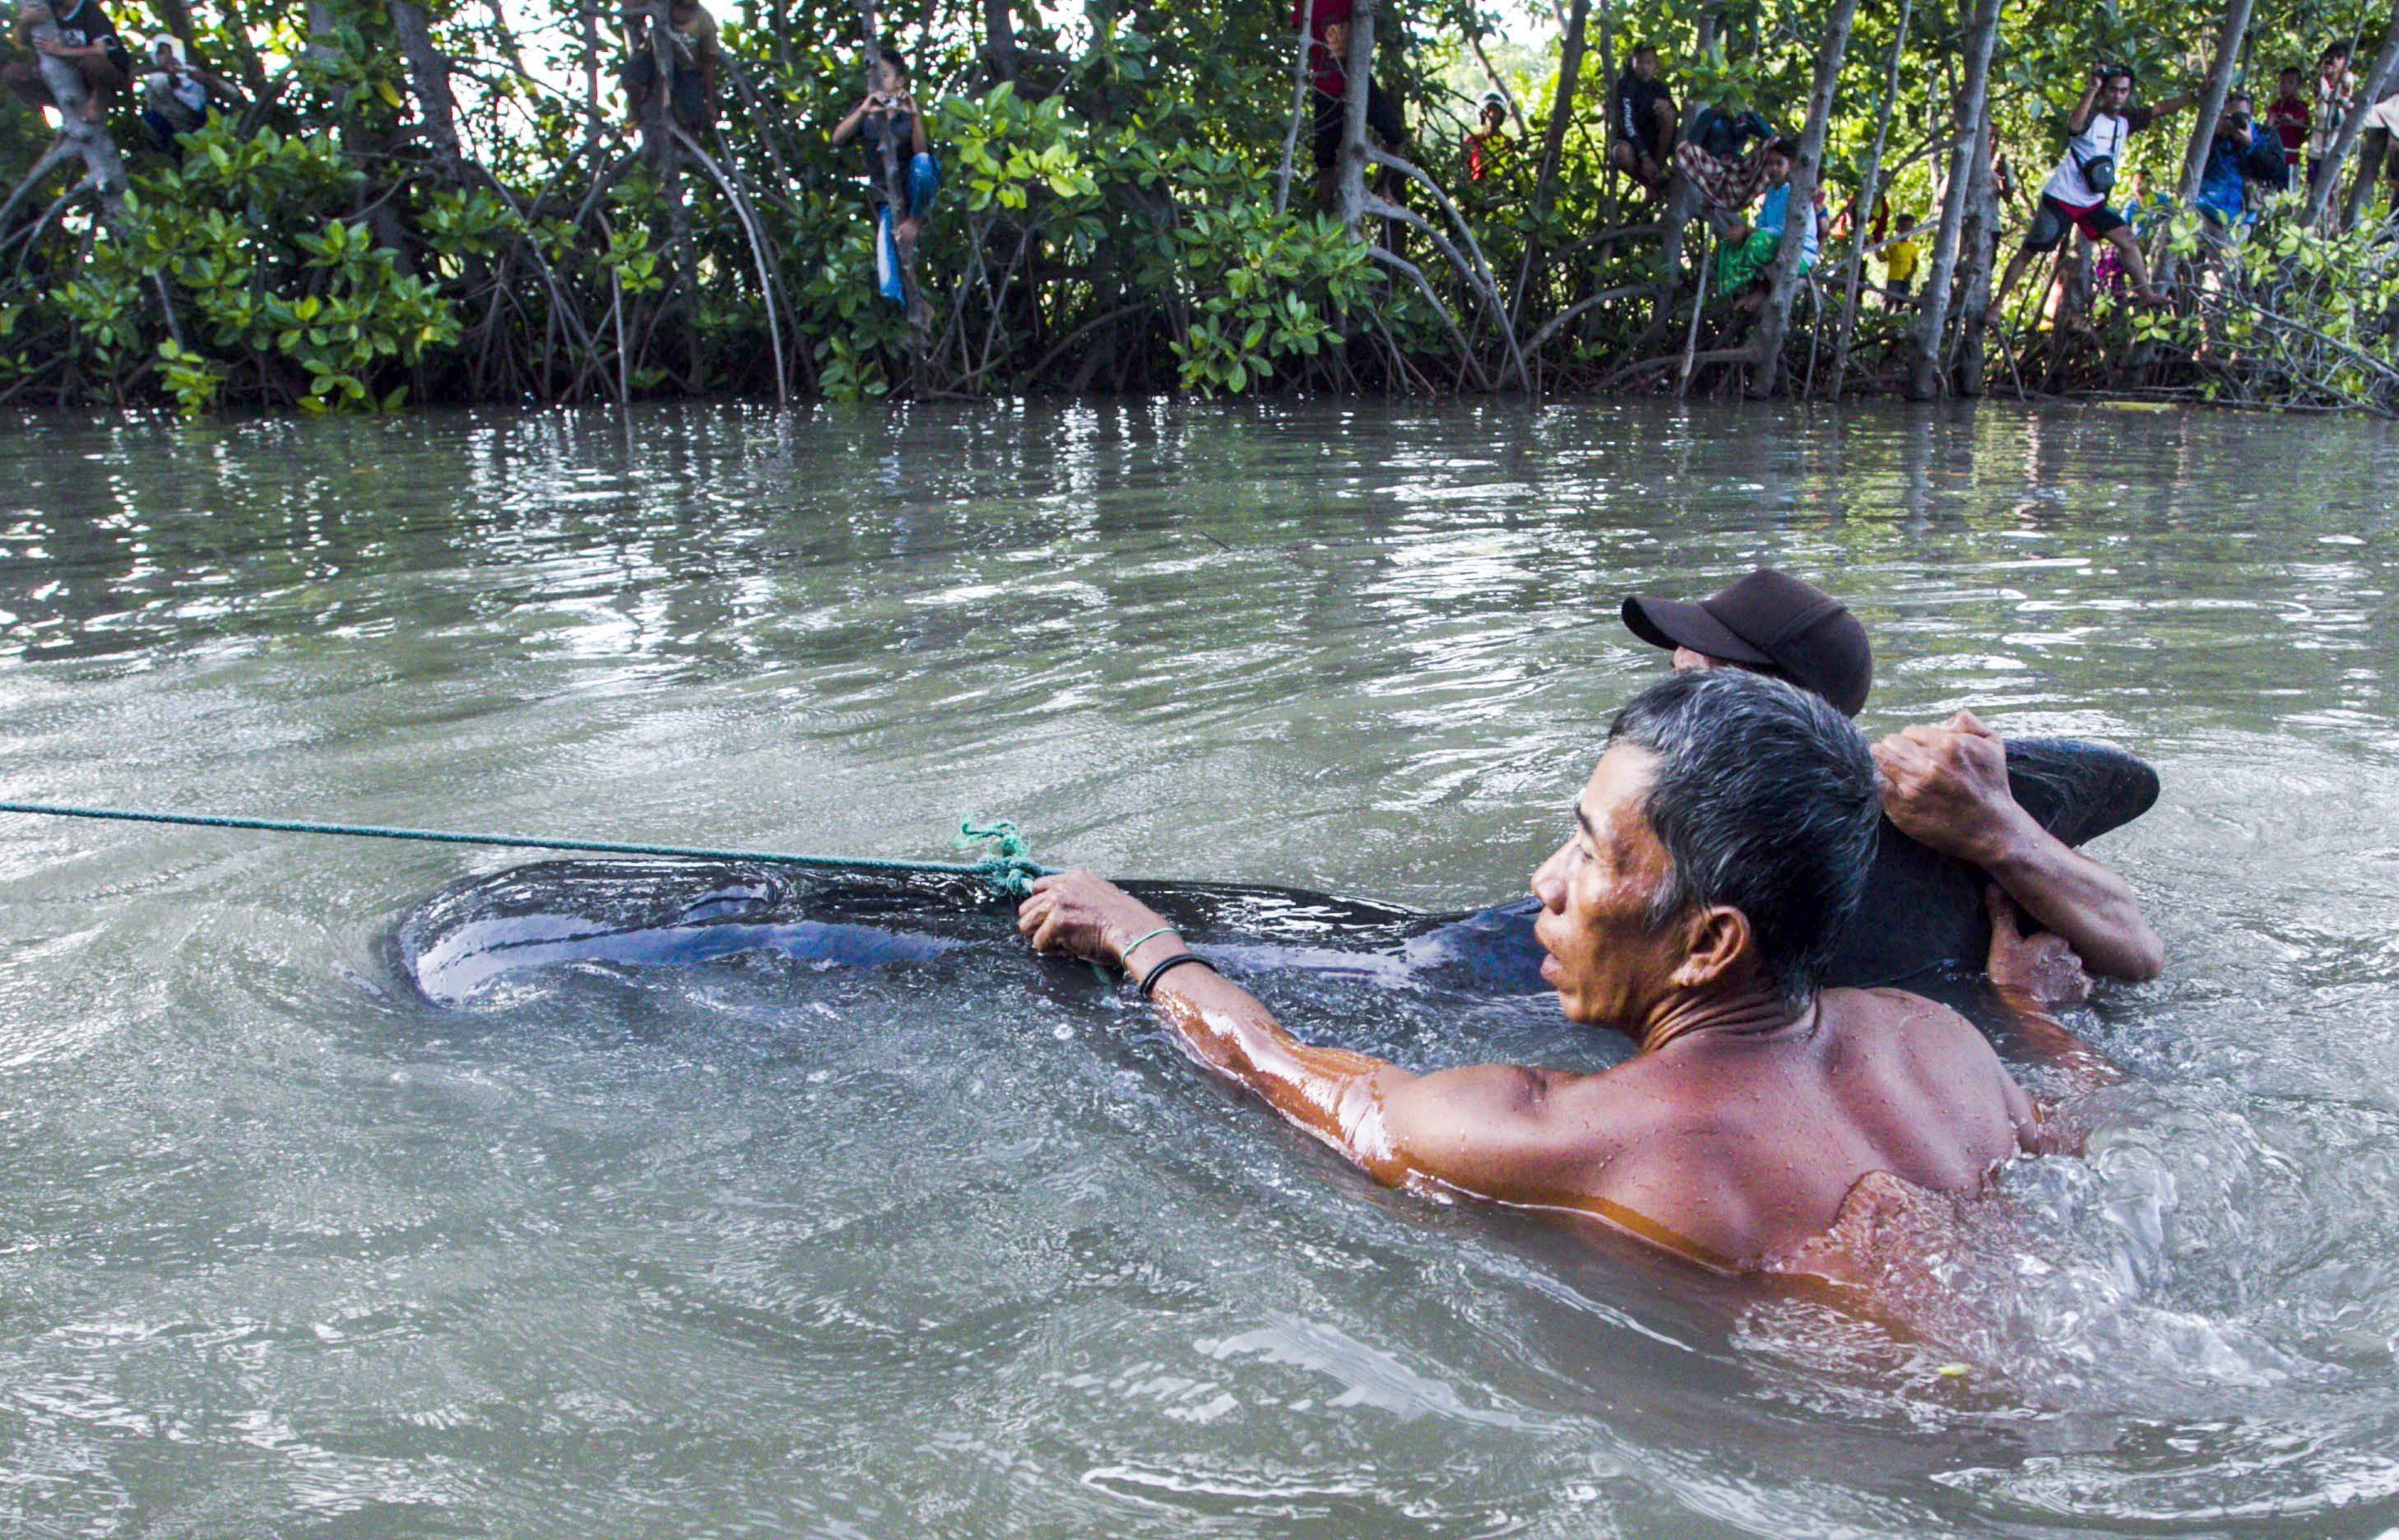 FUL06 PROBOLINGGO (INDONESIA) 16/06/2016.- Dos hombres retiran el cuerpo sin vida de una ballena piloto varada en la costa de Probolinggo (Indonesia) hoy, 16 de junio de 2016. Un total de 32 ballenas pilotos han sido encontradas varadas en la costa, ocho de ellas muertas. En total, 24 ballenas han sido salvadas y soltadas al mar. EFE/Fully Handoko